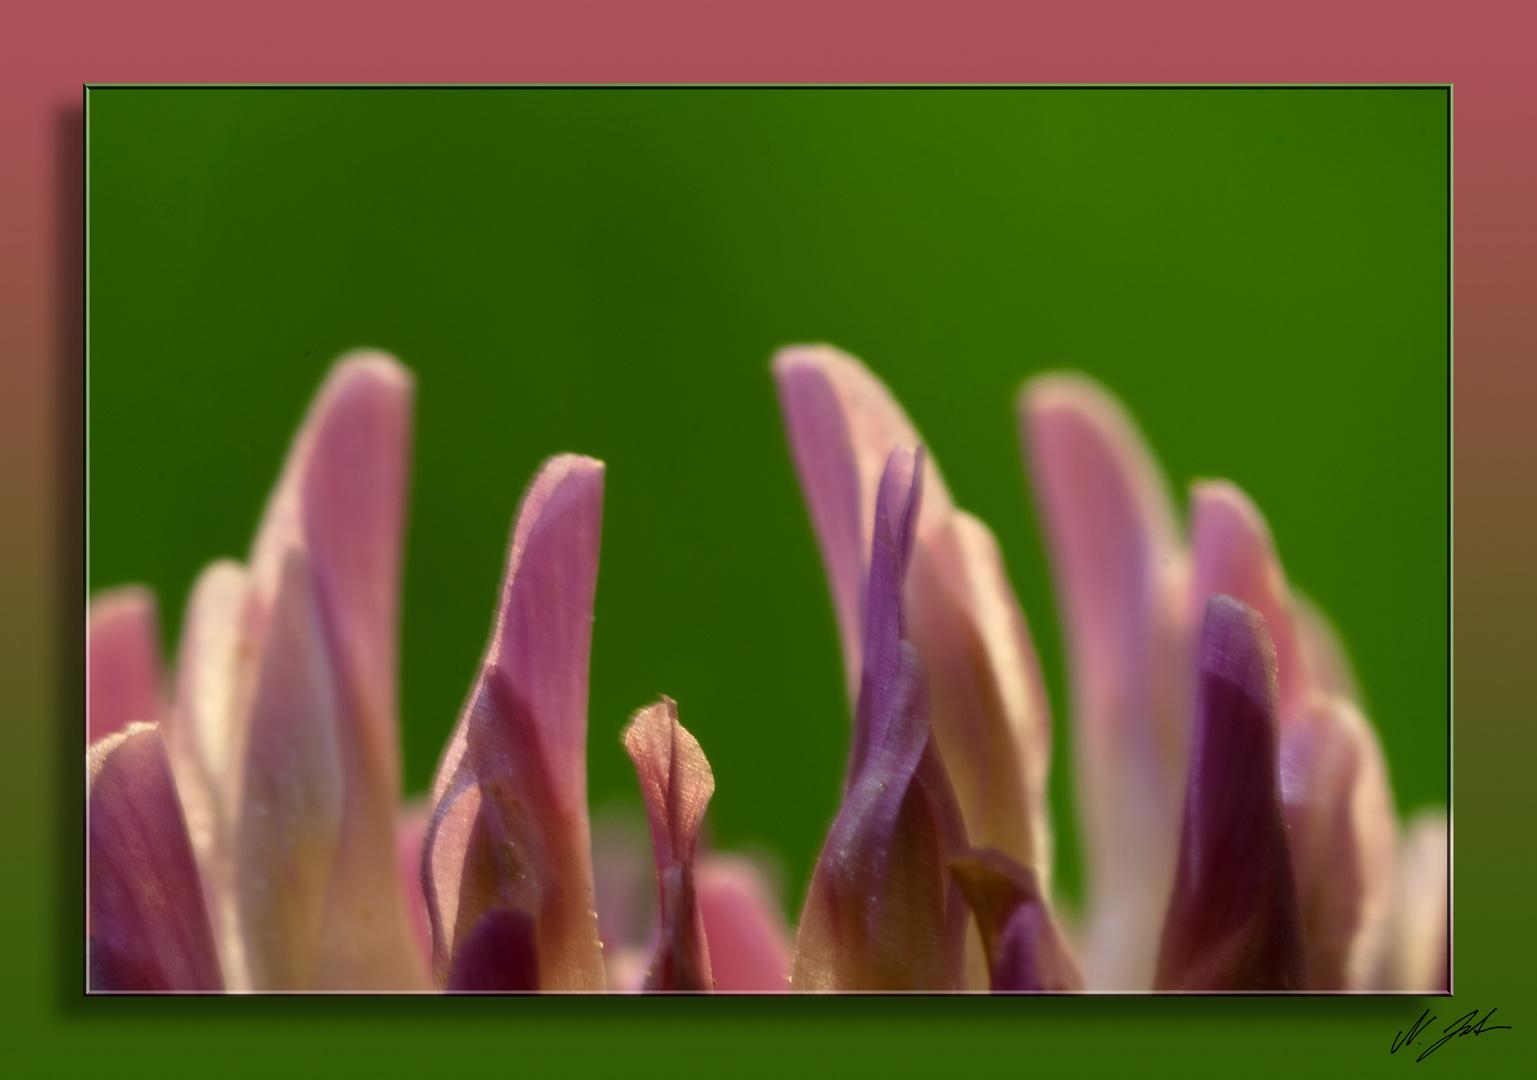 Kleeblüte im Wind 2